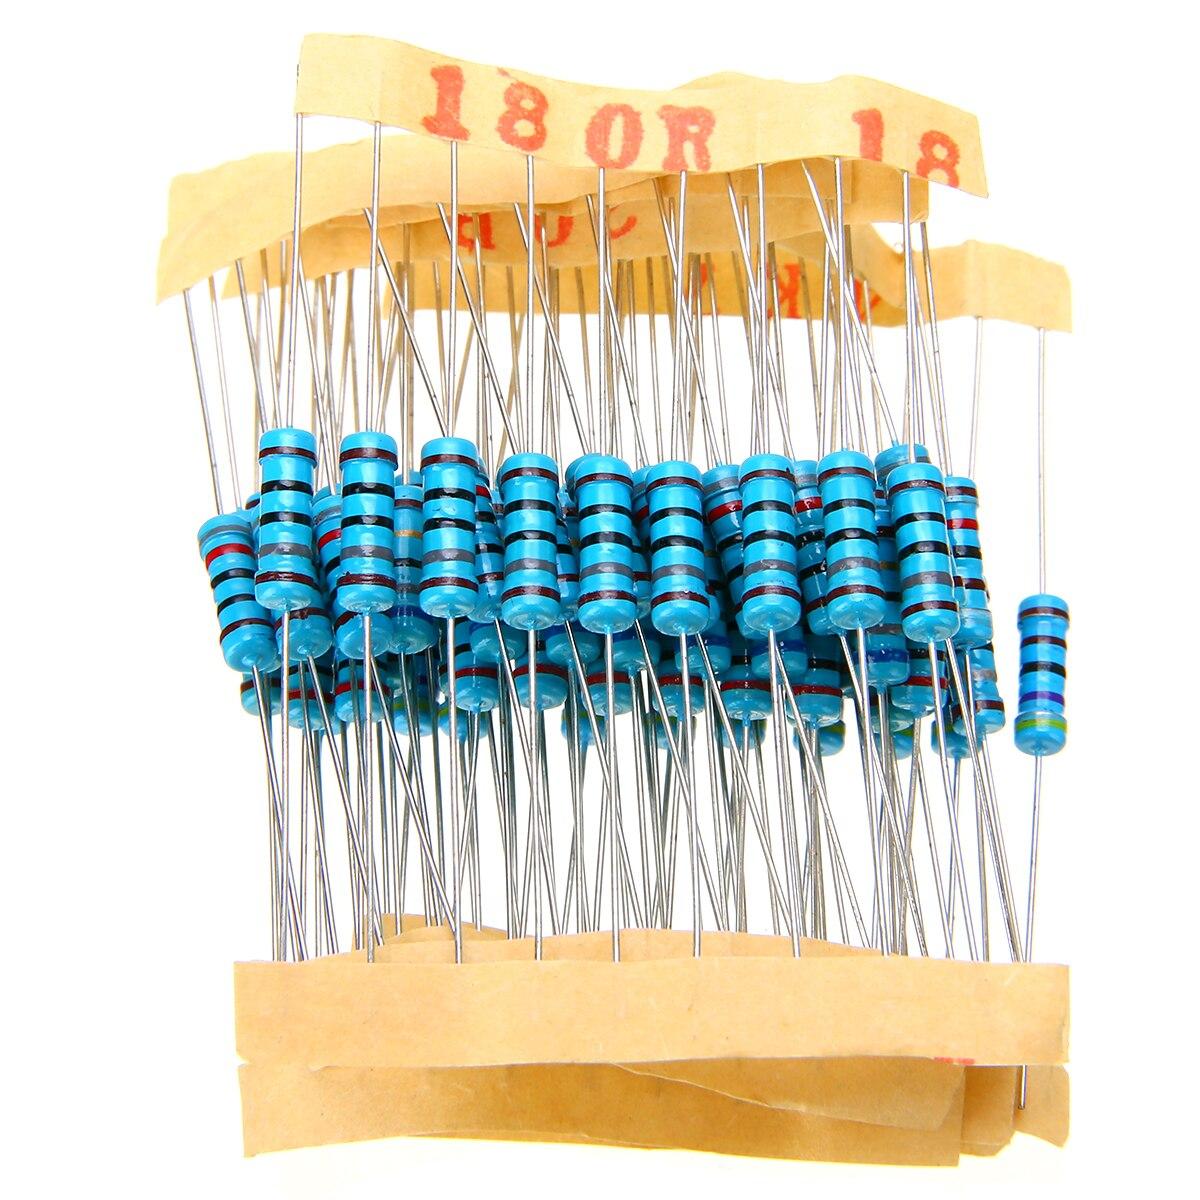 1000pcs 100 Values Metal Film Resistor Mayitr 1% 1W Resistance Assortment Kit Set 1 Ohm-10M Ohm